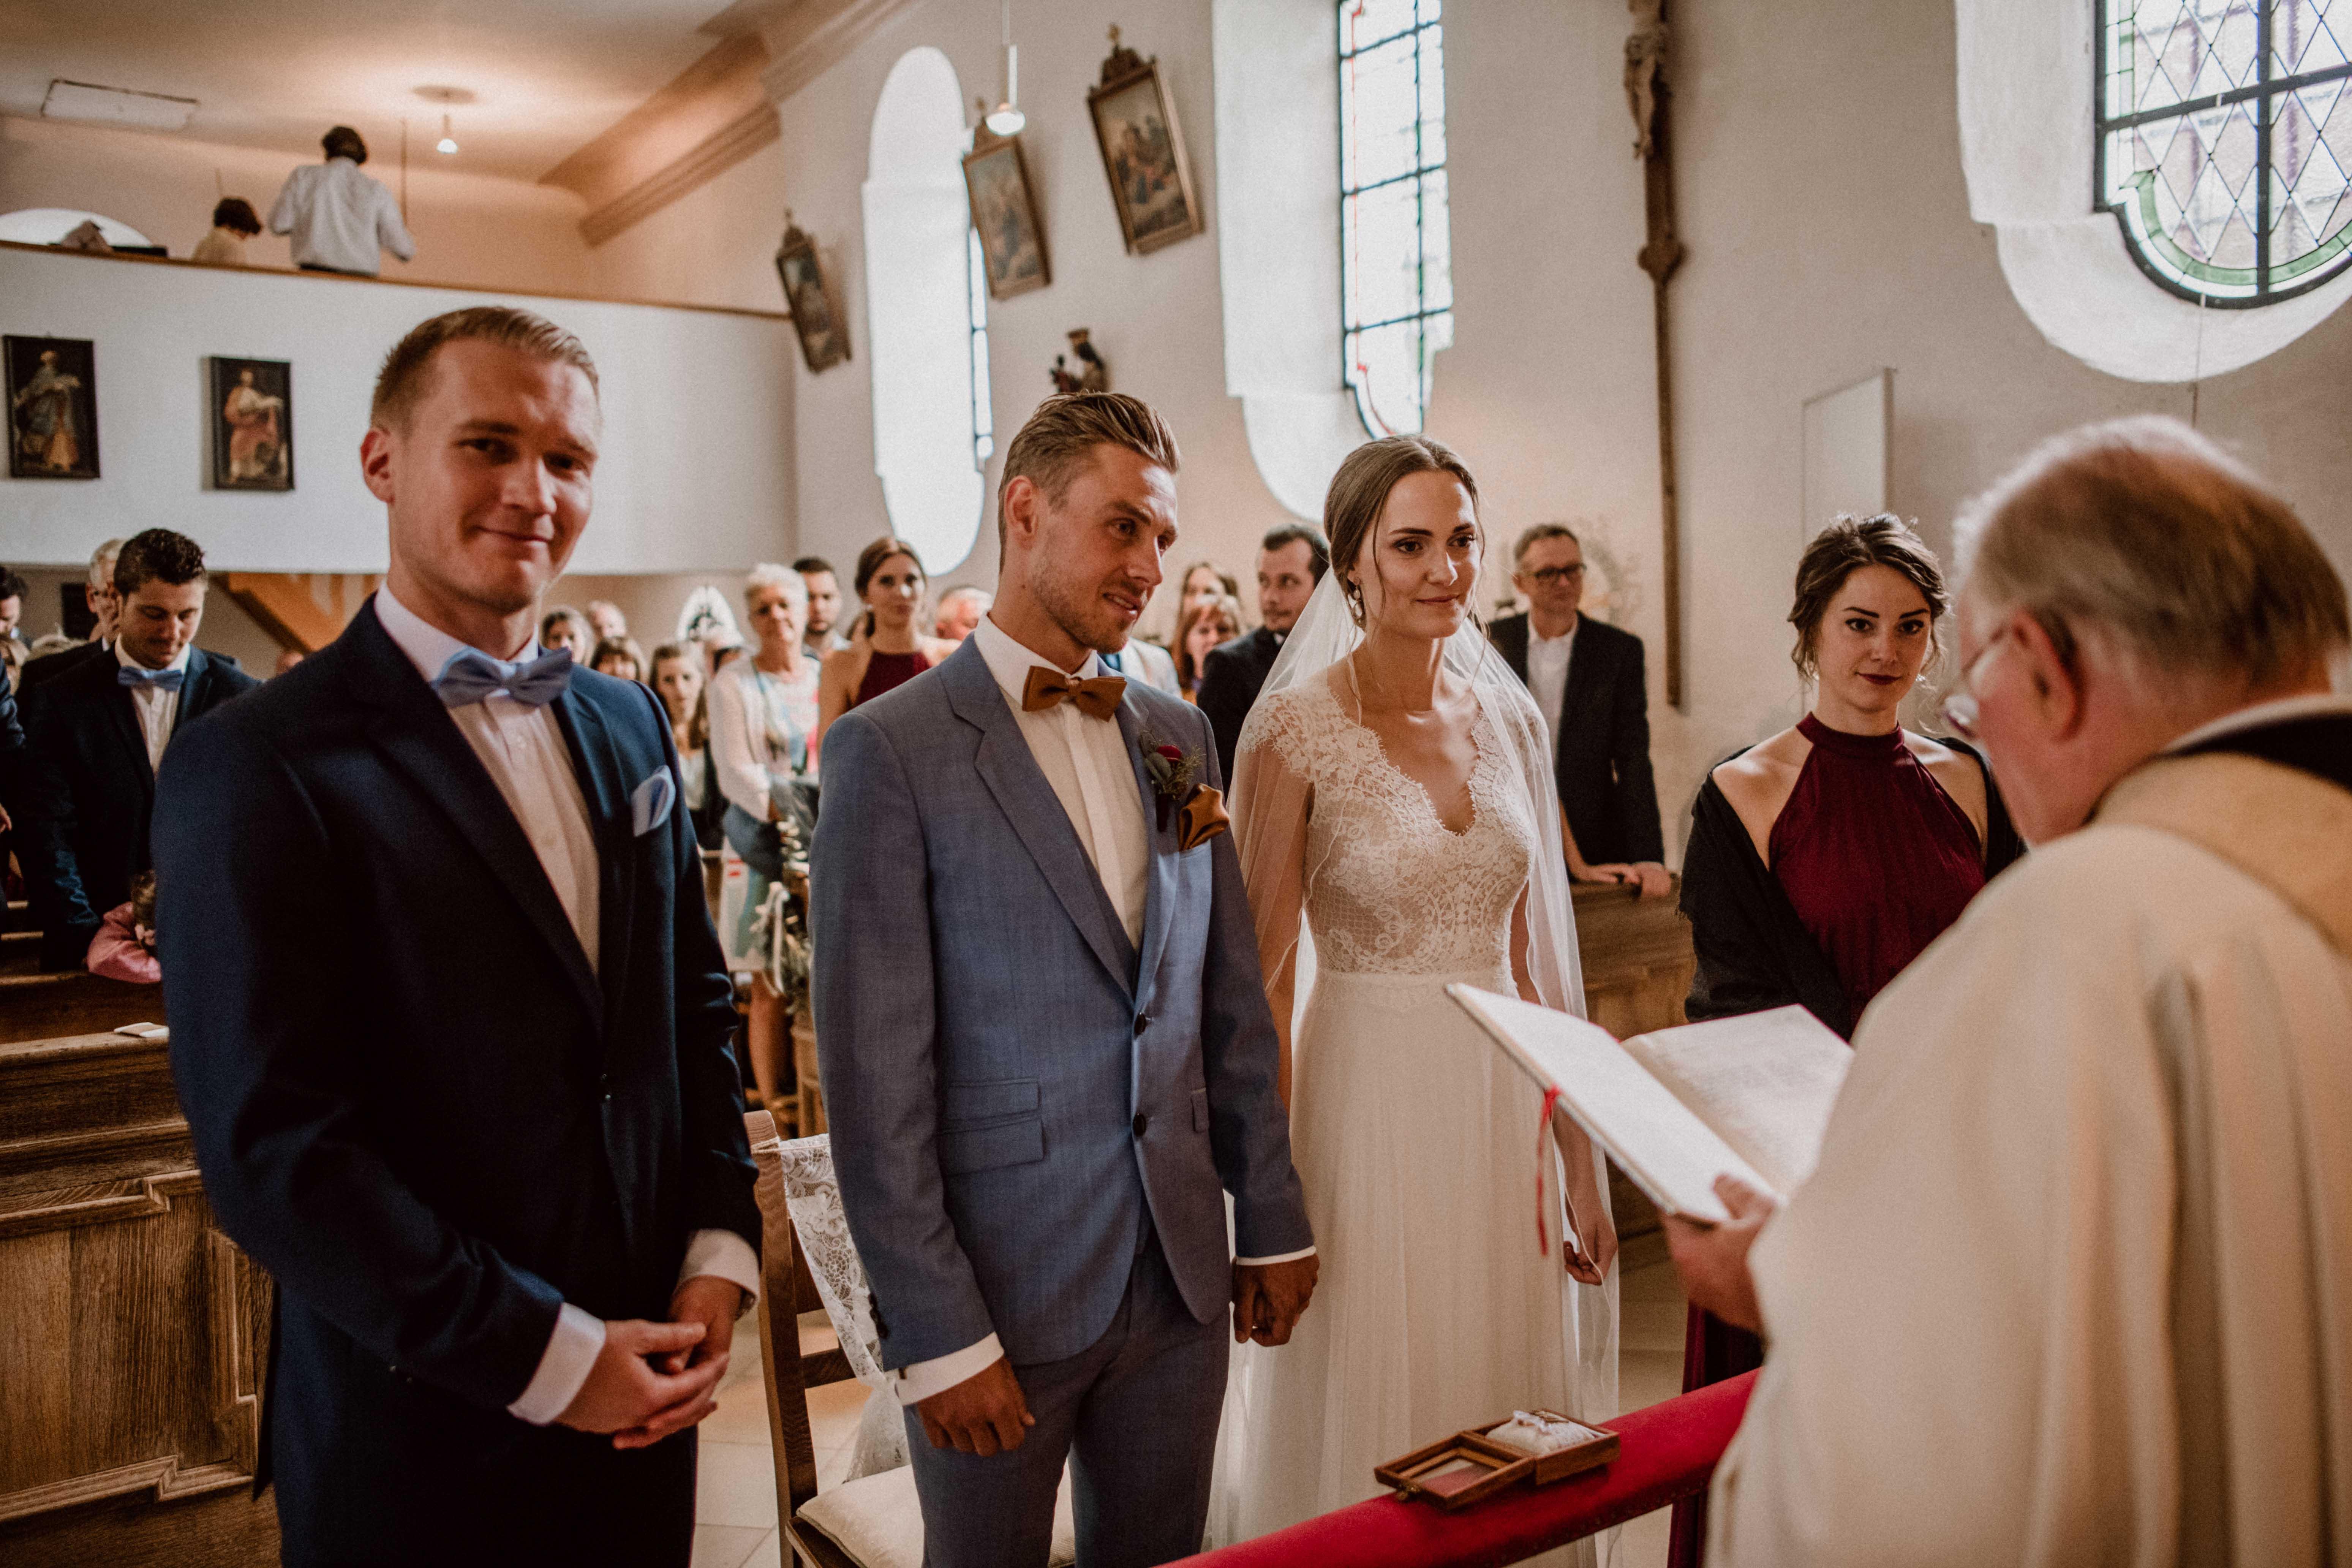 zeremonie trauung sonja poehlmann photography couples muenchen bayern